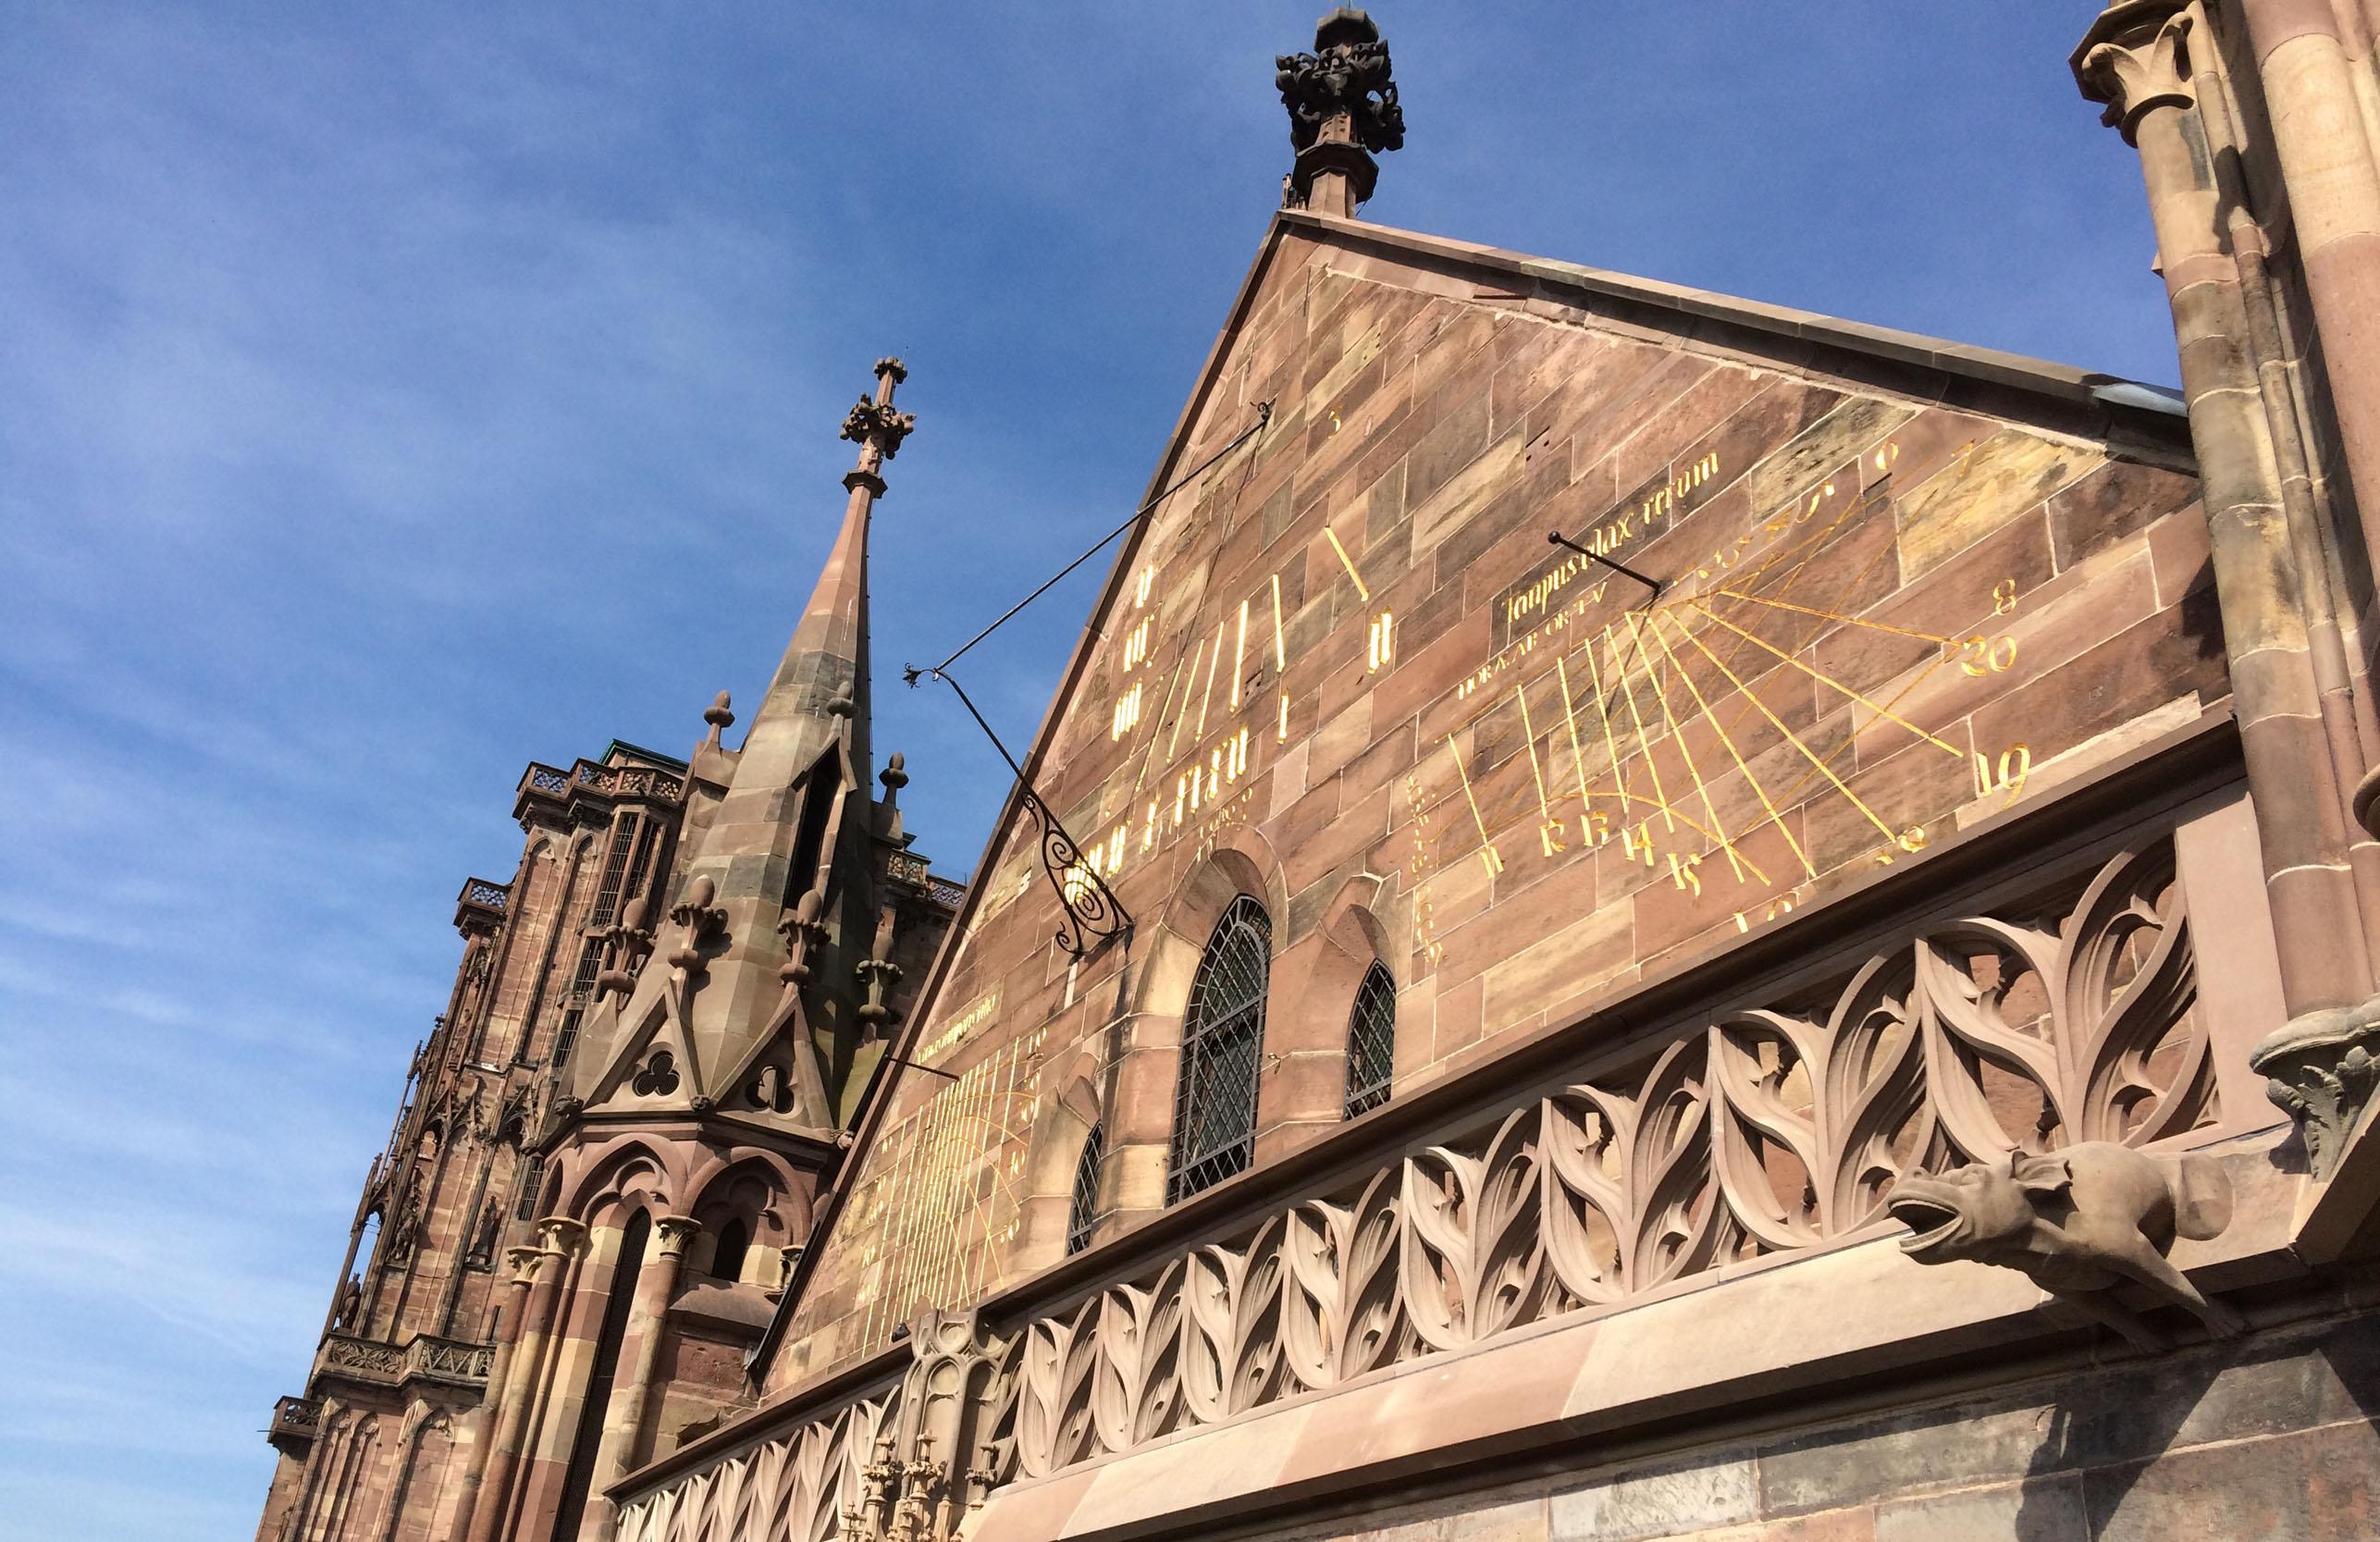 agence-caillault-acmh-pignon-du-transept-sud-de-la-cathedrale-strasbourg